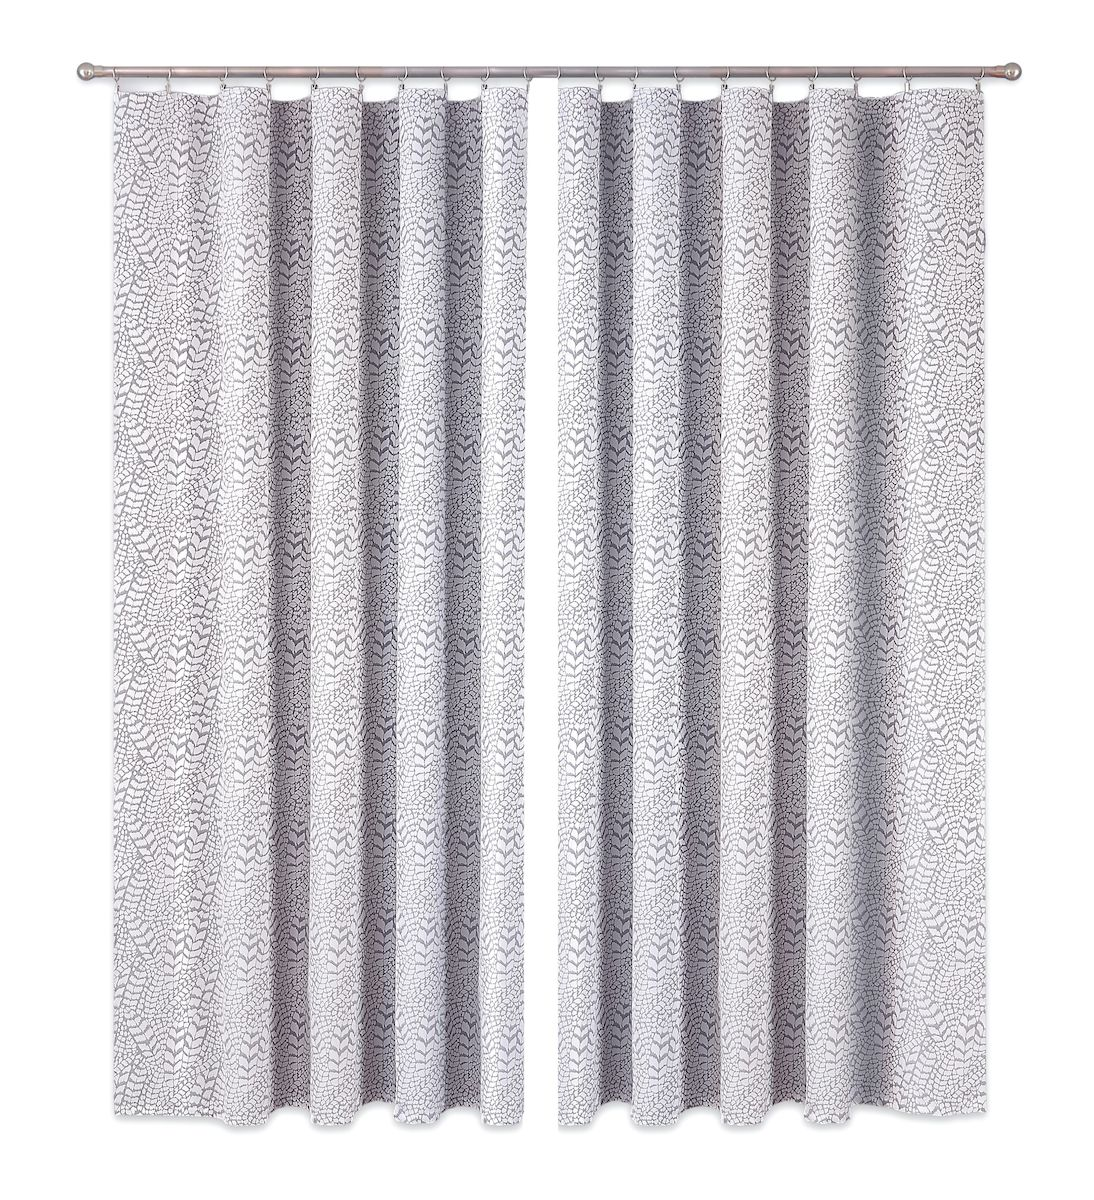 Комплект штор P Primavera Firany, цвет: серый, высота 250 см. 1110008956251325Комплект шториз полиэстровой жаккардовой ткани с пришитой шторнойлентой. Размер - ширина 180 см высота 250см. Набор 2 штуки. Цвет серый.Размер: ширина 180 х высота 250